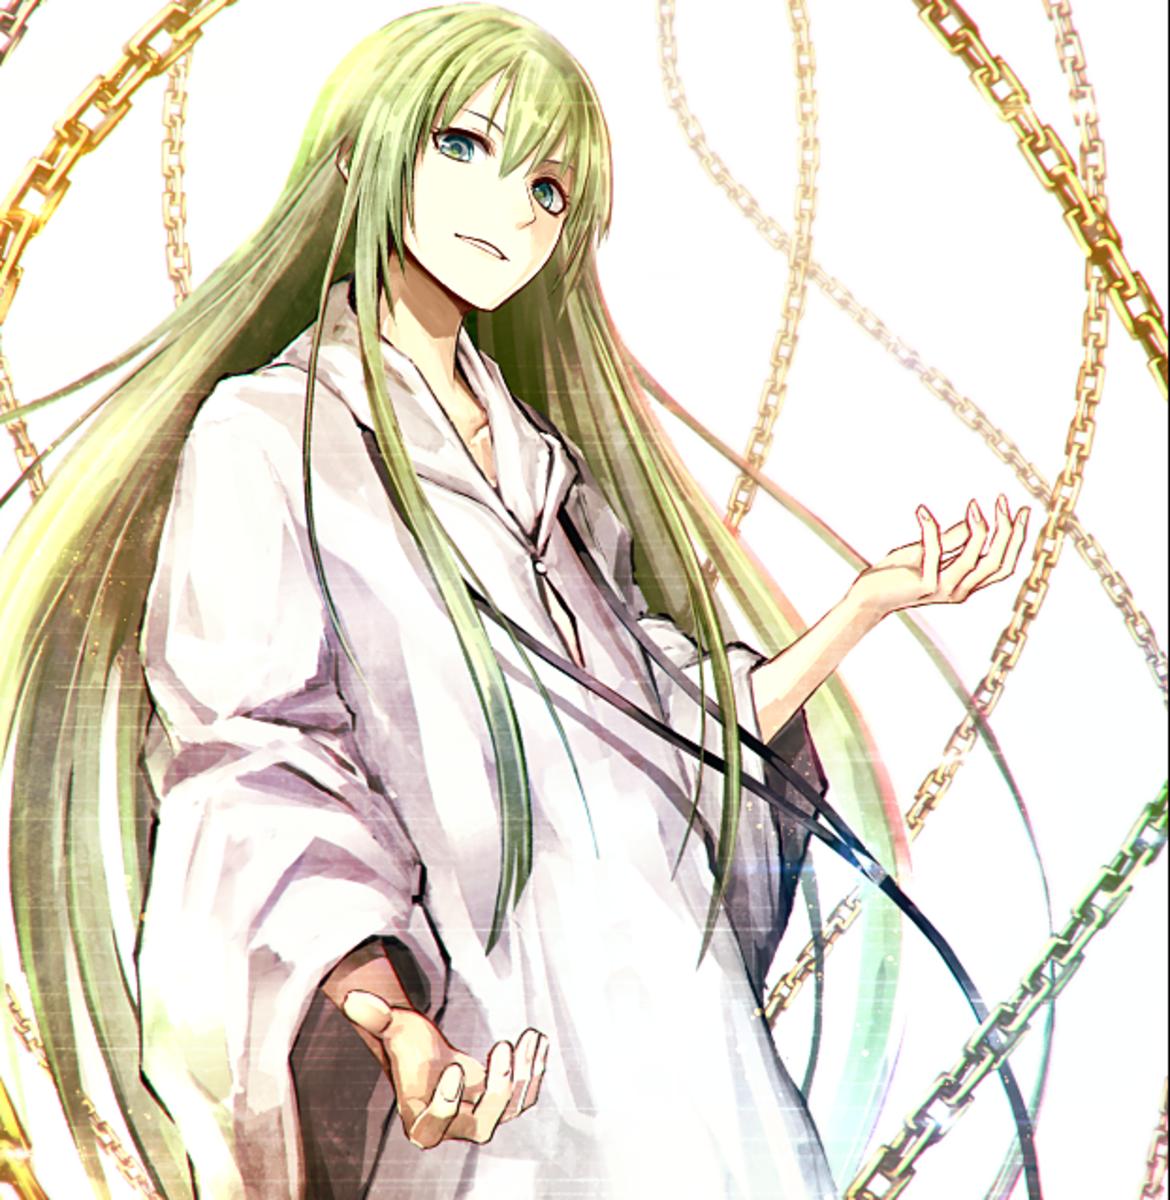 Enkidu in Fate/strange fake